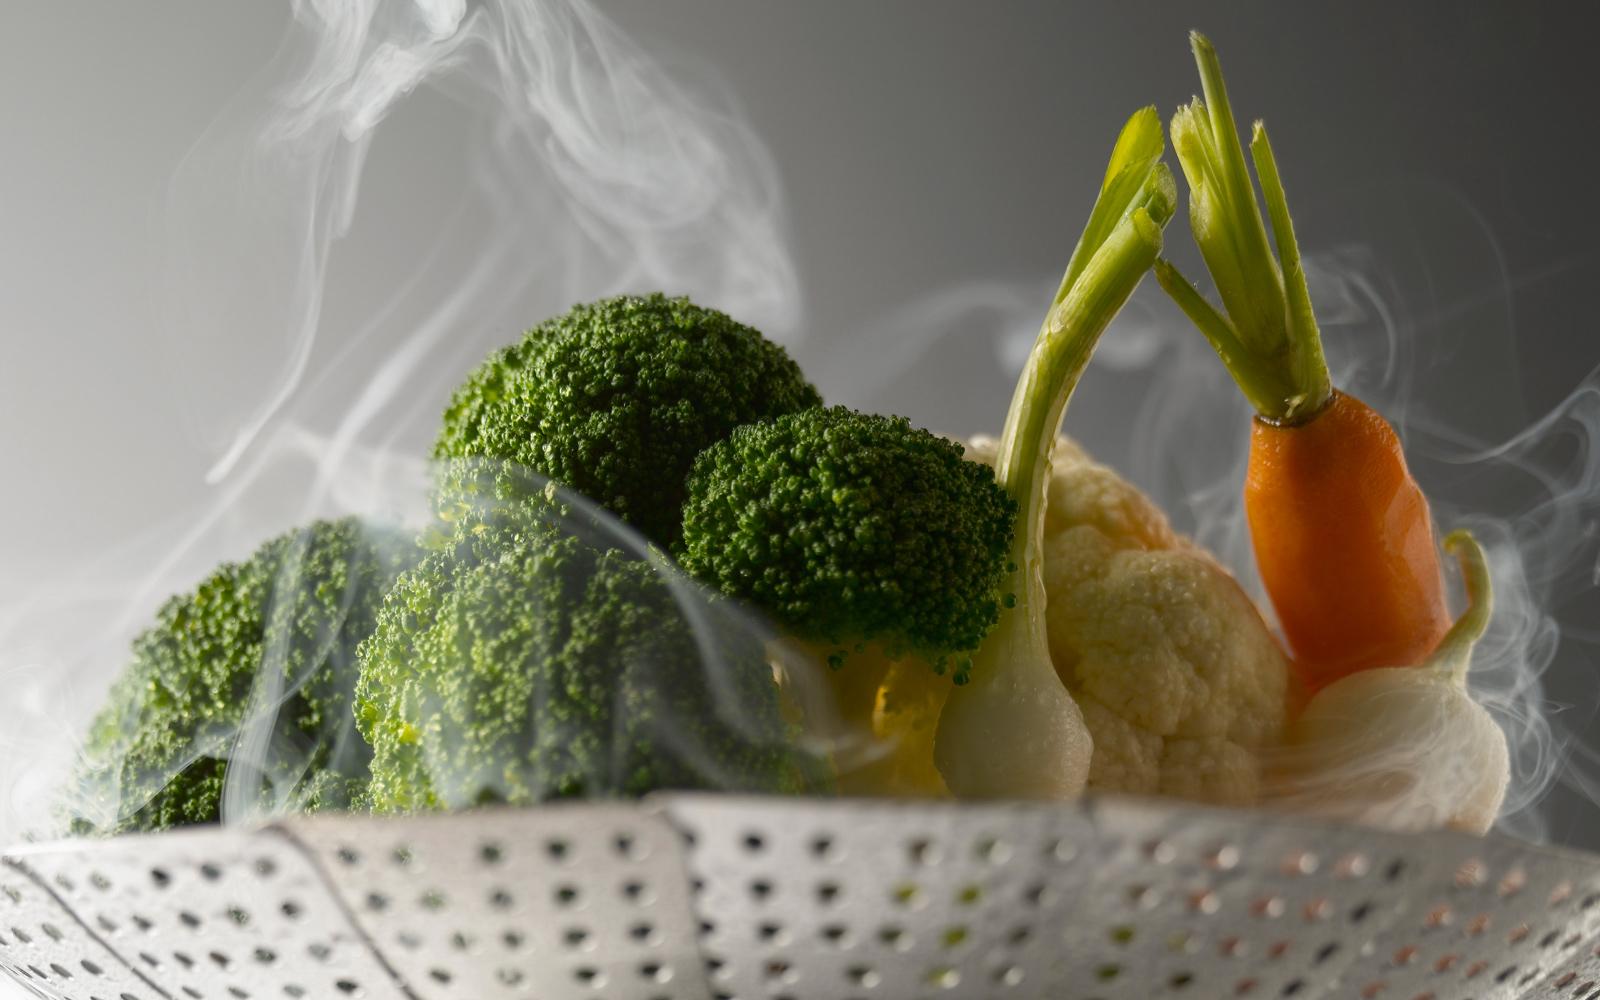 Cucina a vapore perch la migliore silhouette donna - Migliore cucina 2017 ...